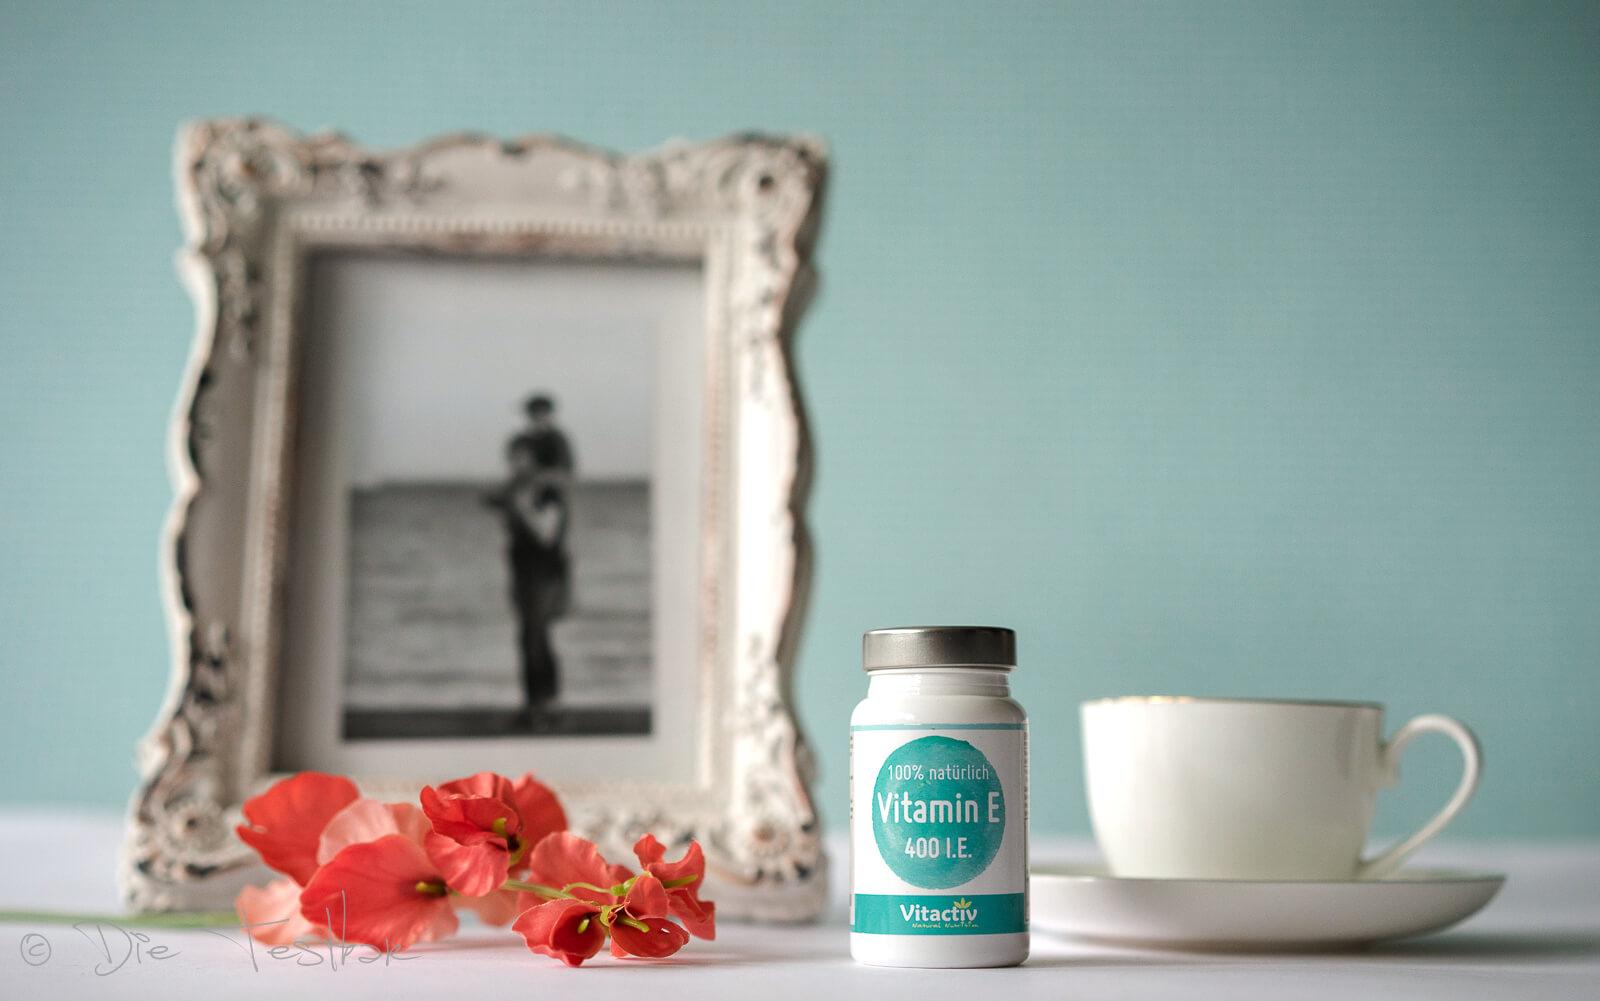 Hochwertige Nahrungsergänzungsmittel für Gesundheit, Abnehmen, Sport, Schönheit und Wohlbefinden vom feelgood Shop